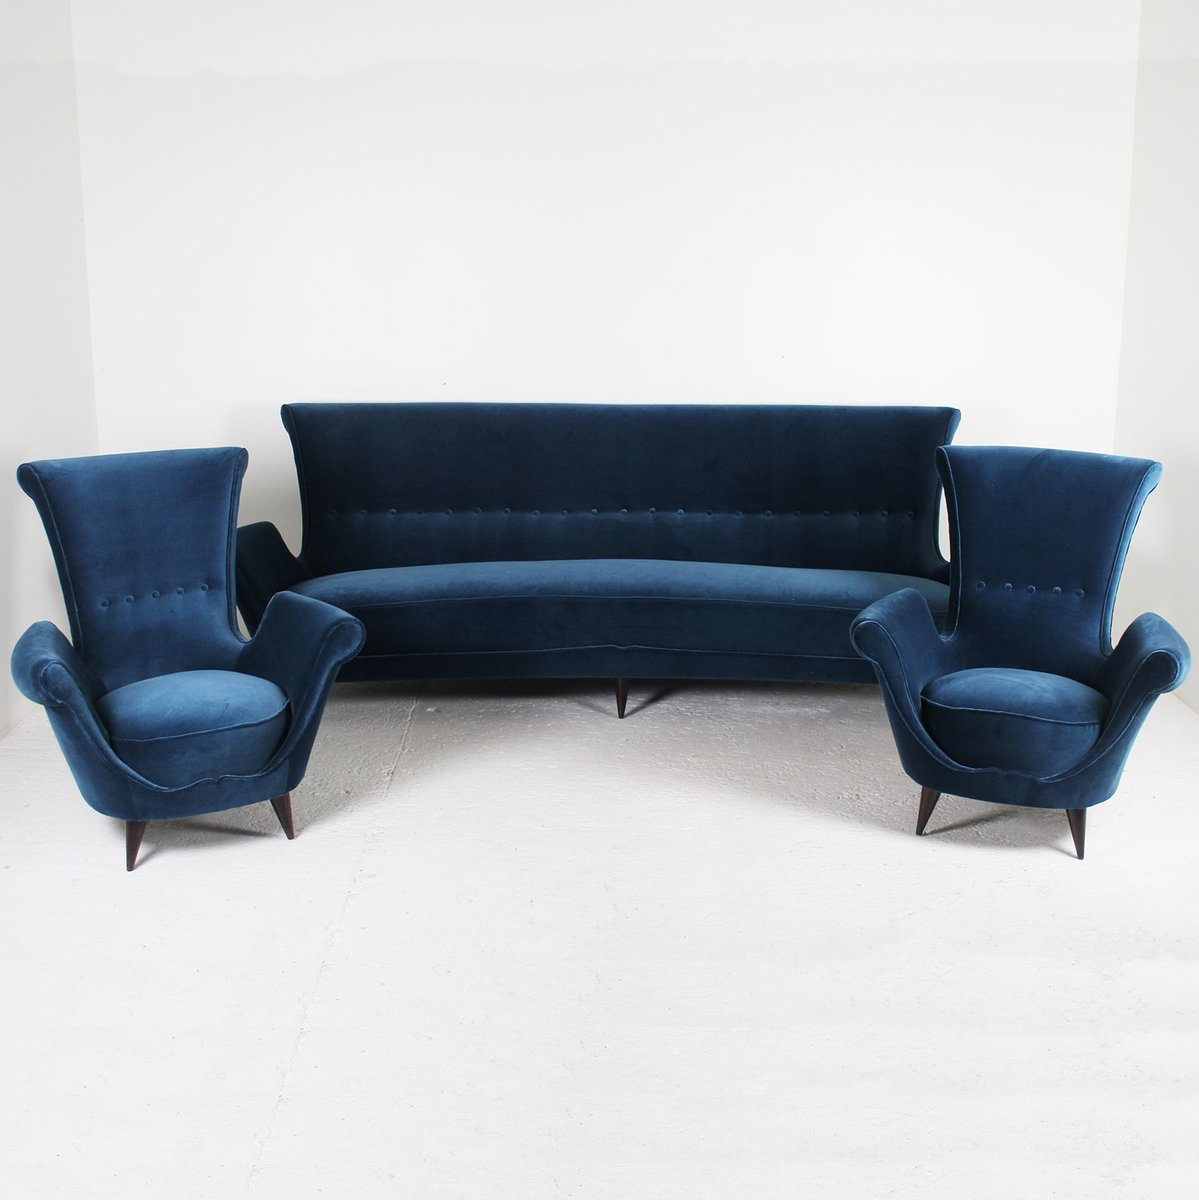 Sof de terciopelo azul a os 50 en venta en pamono - Sofa terciopelo azul ...